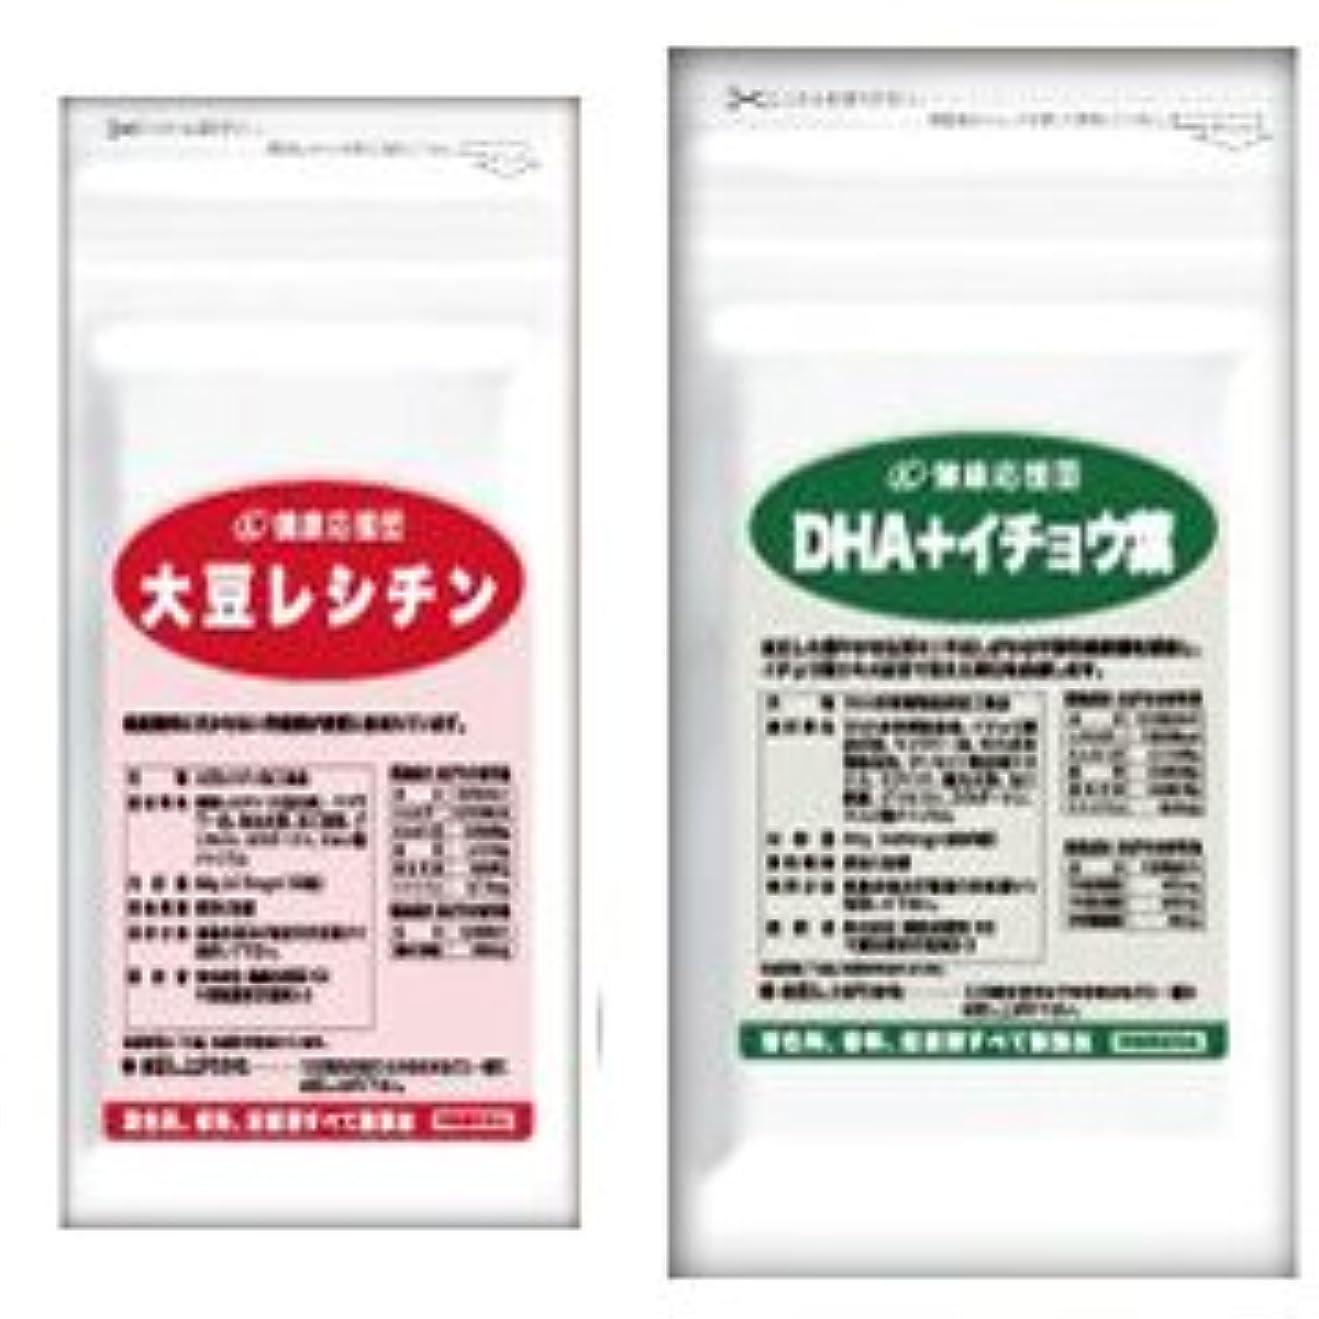 パターンシェル盲目流れサラサラセット 大豆レシチン+(DHA+イチョウ葉) (DHA?EPA?イチョウ葉)